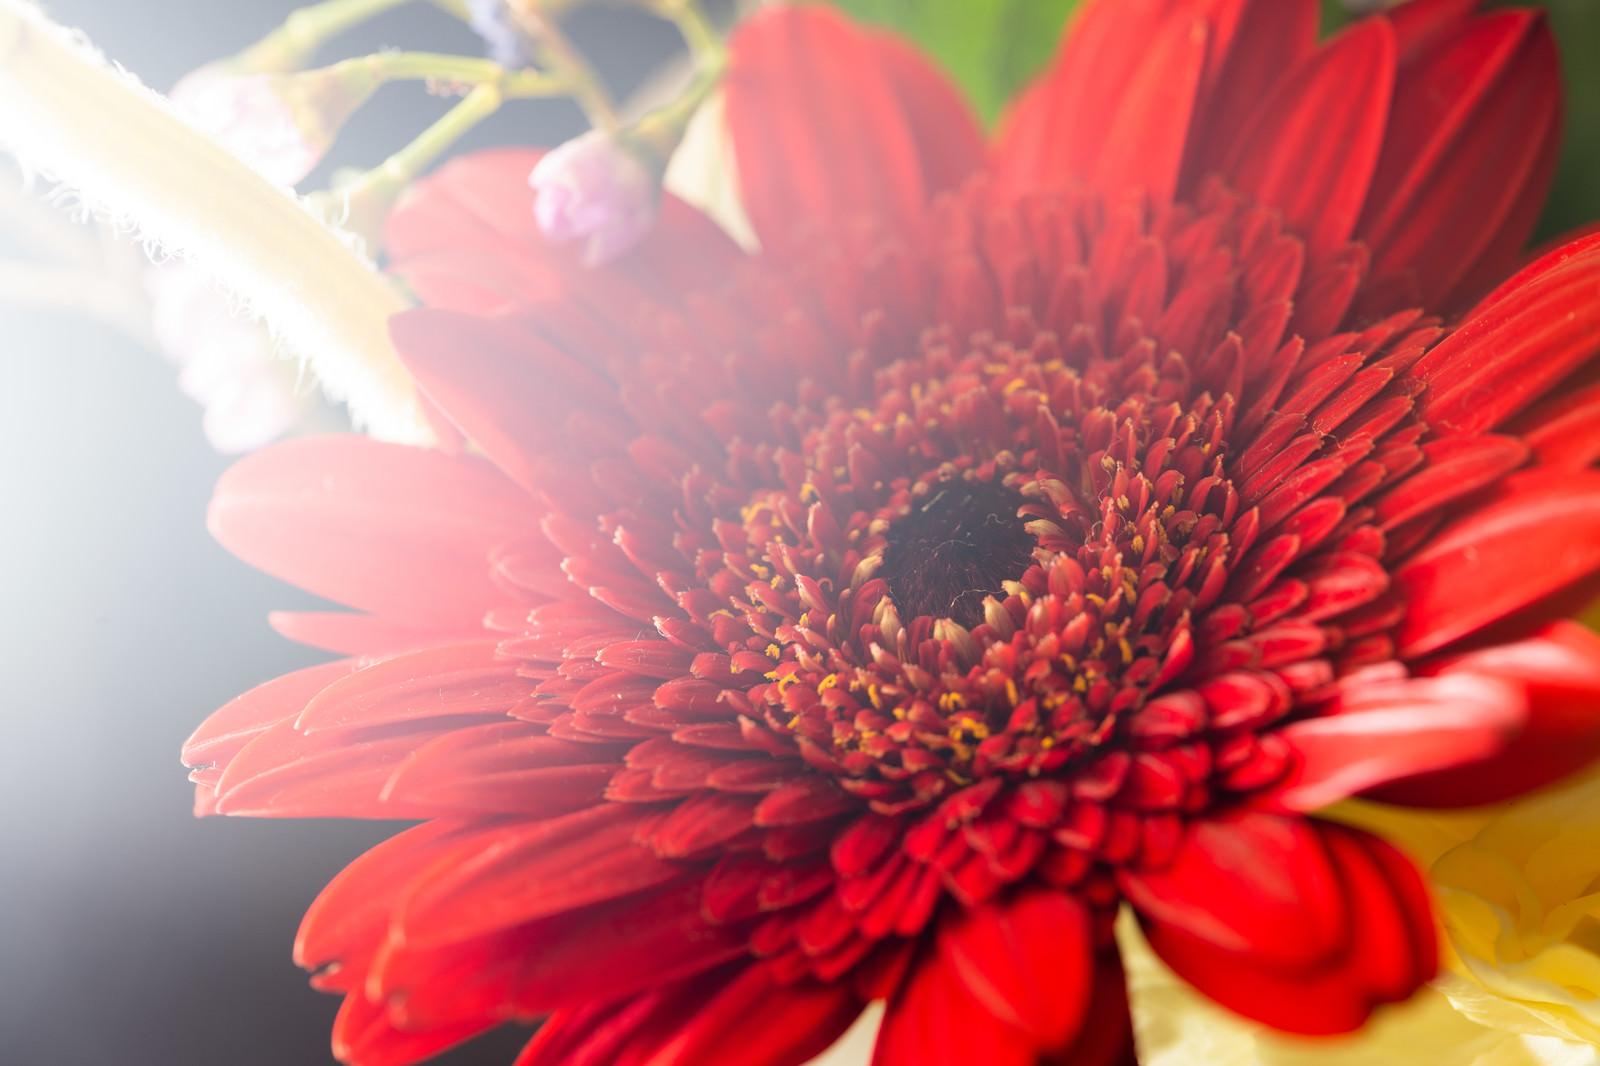 「光が差し込む赤い花」の写真